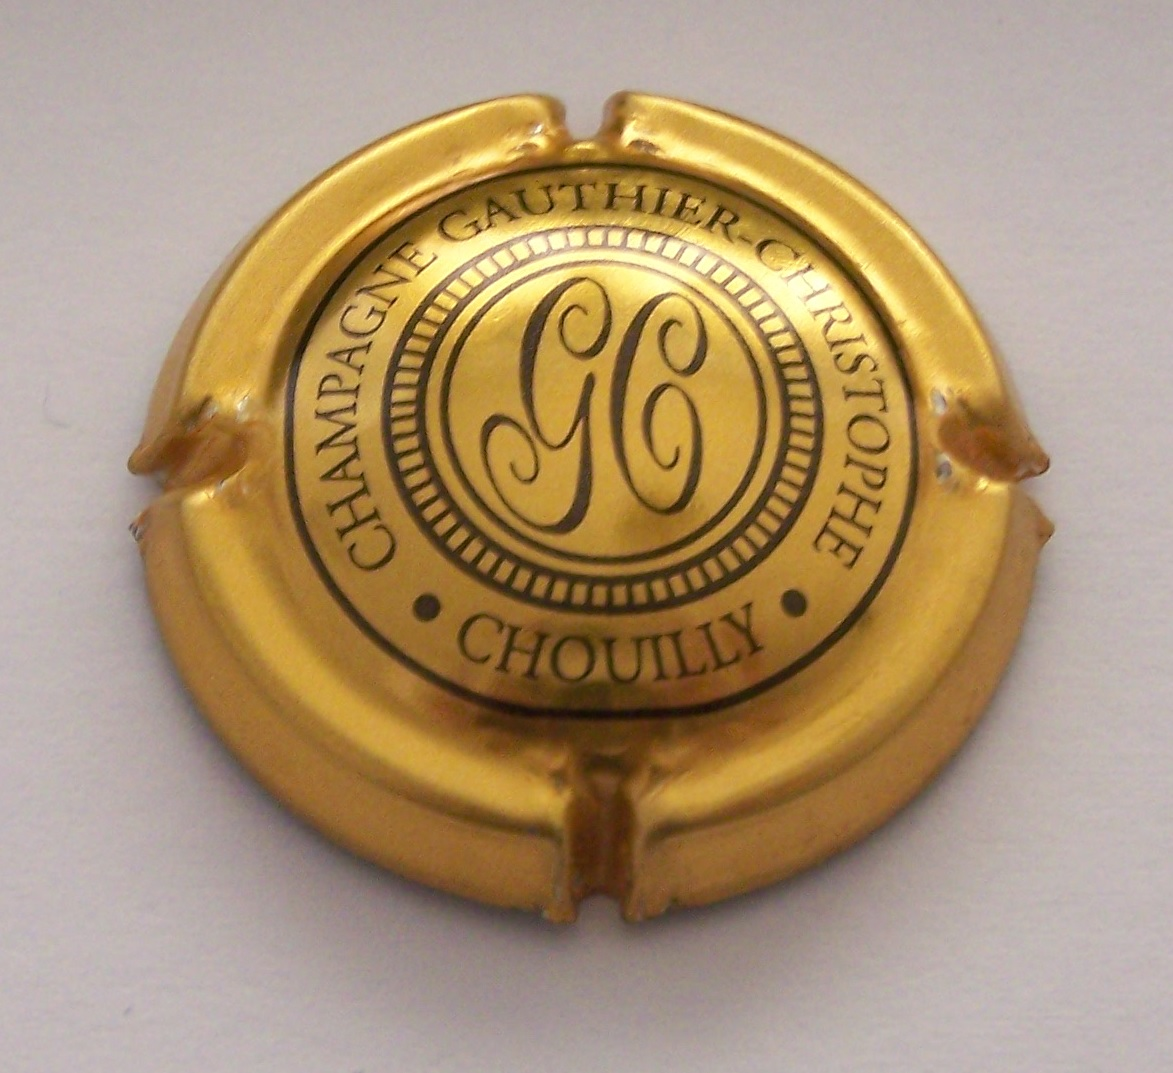 Gauthier christophe l06x